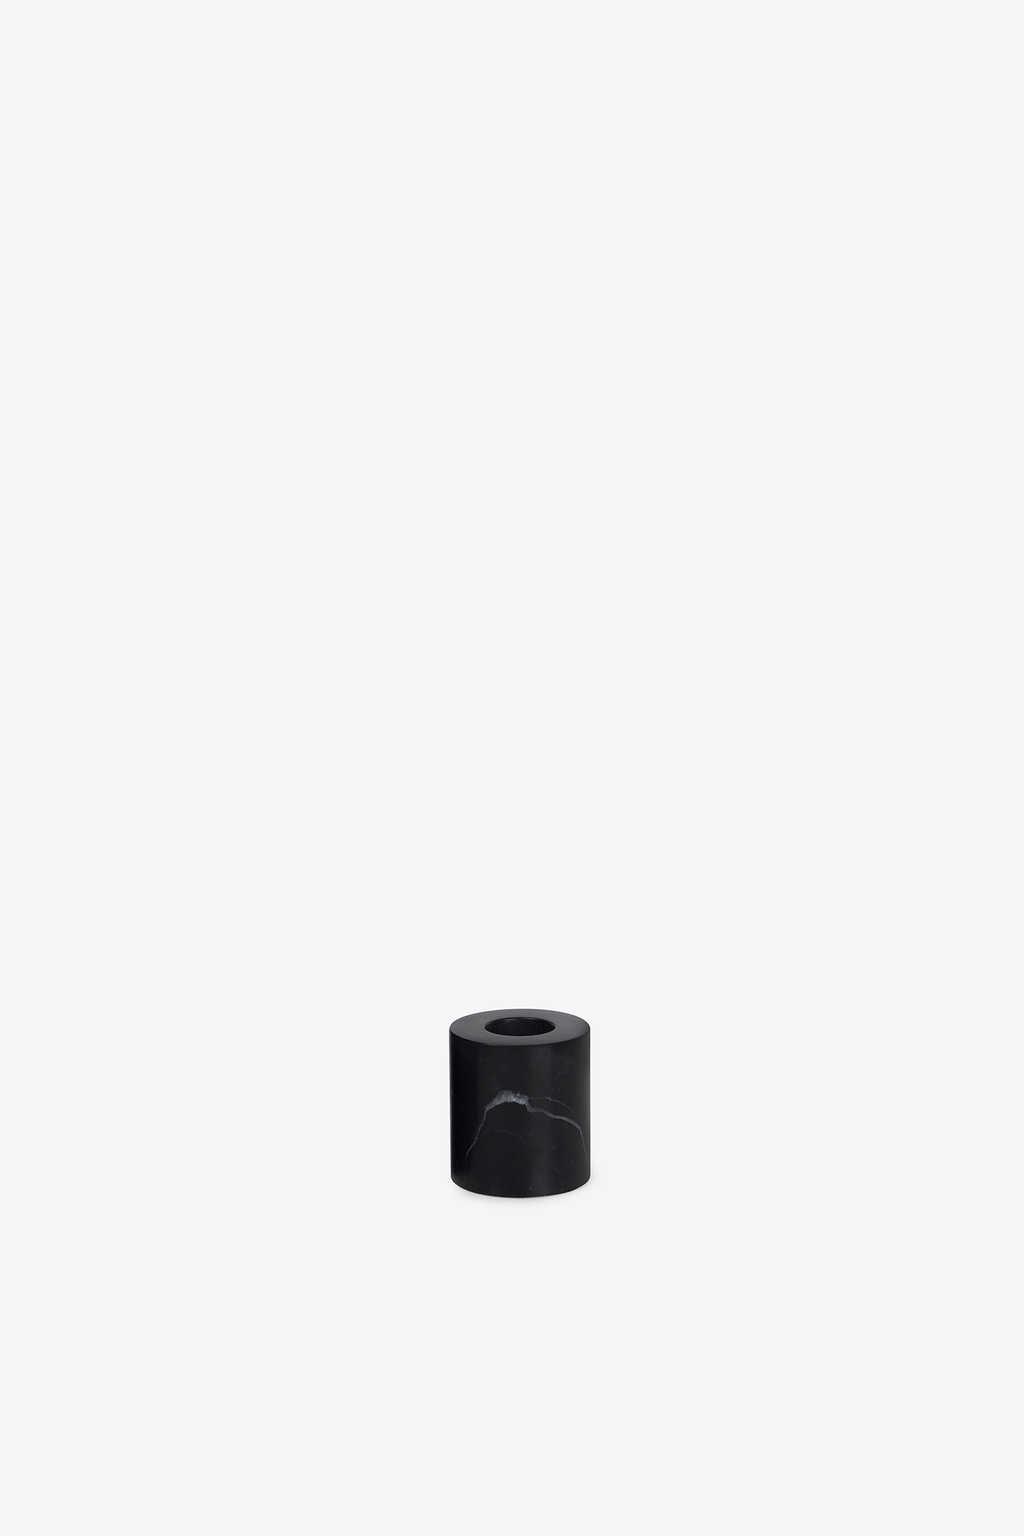 Candlestick Holder 1877 Black 2